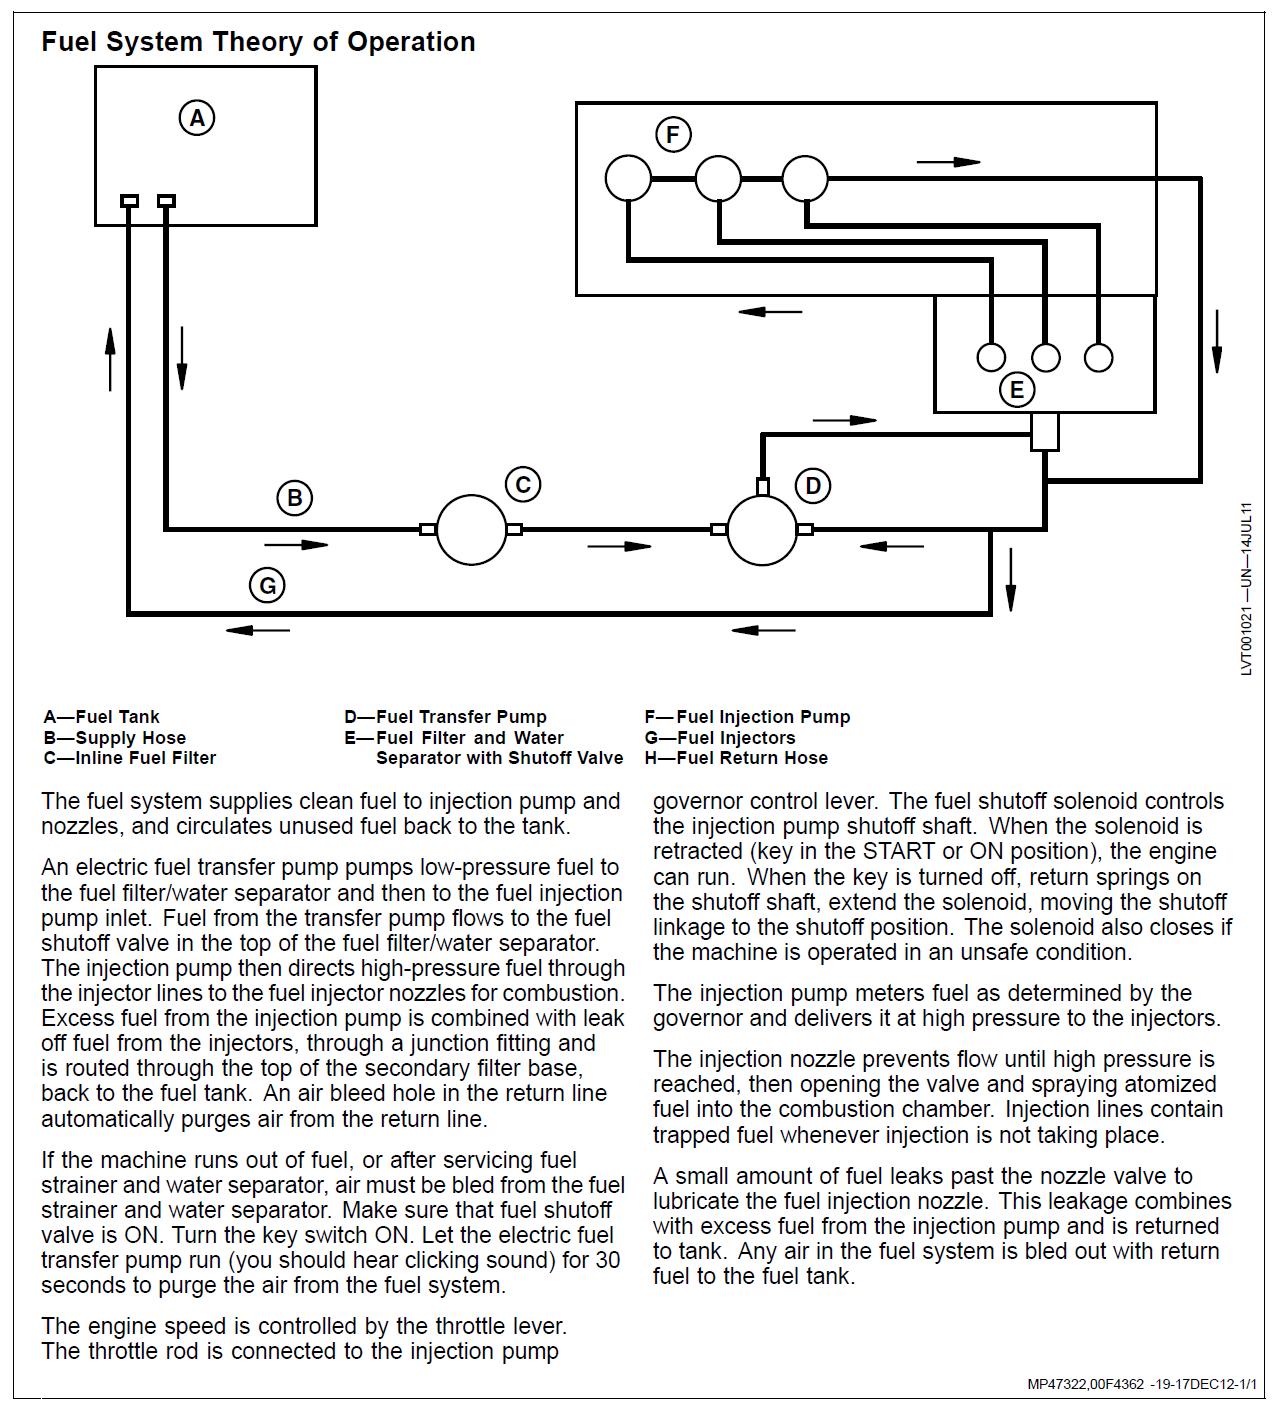 diagnose fuel solenoid 1023 ? - Page 2